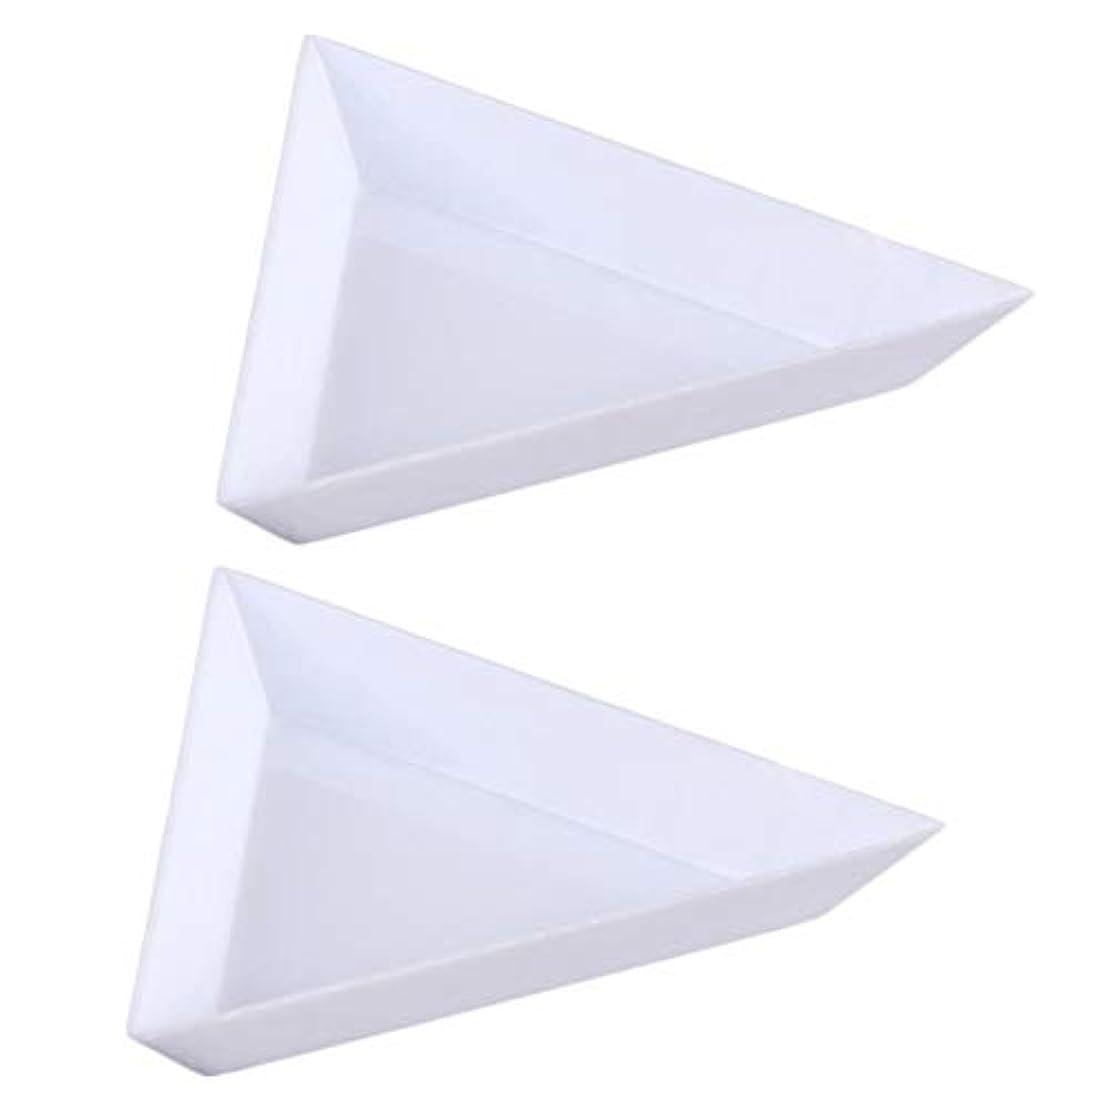 環境に優しいお手入れ家事ACAMPTAR 10個三角コーナープラスチックラインストーンビーズ 結晶 ネイルアートソーティングトレイアクセサリー白 DiyネイルアートデコレーションDotting収納トレイ オーガニゼーションに最適